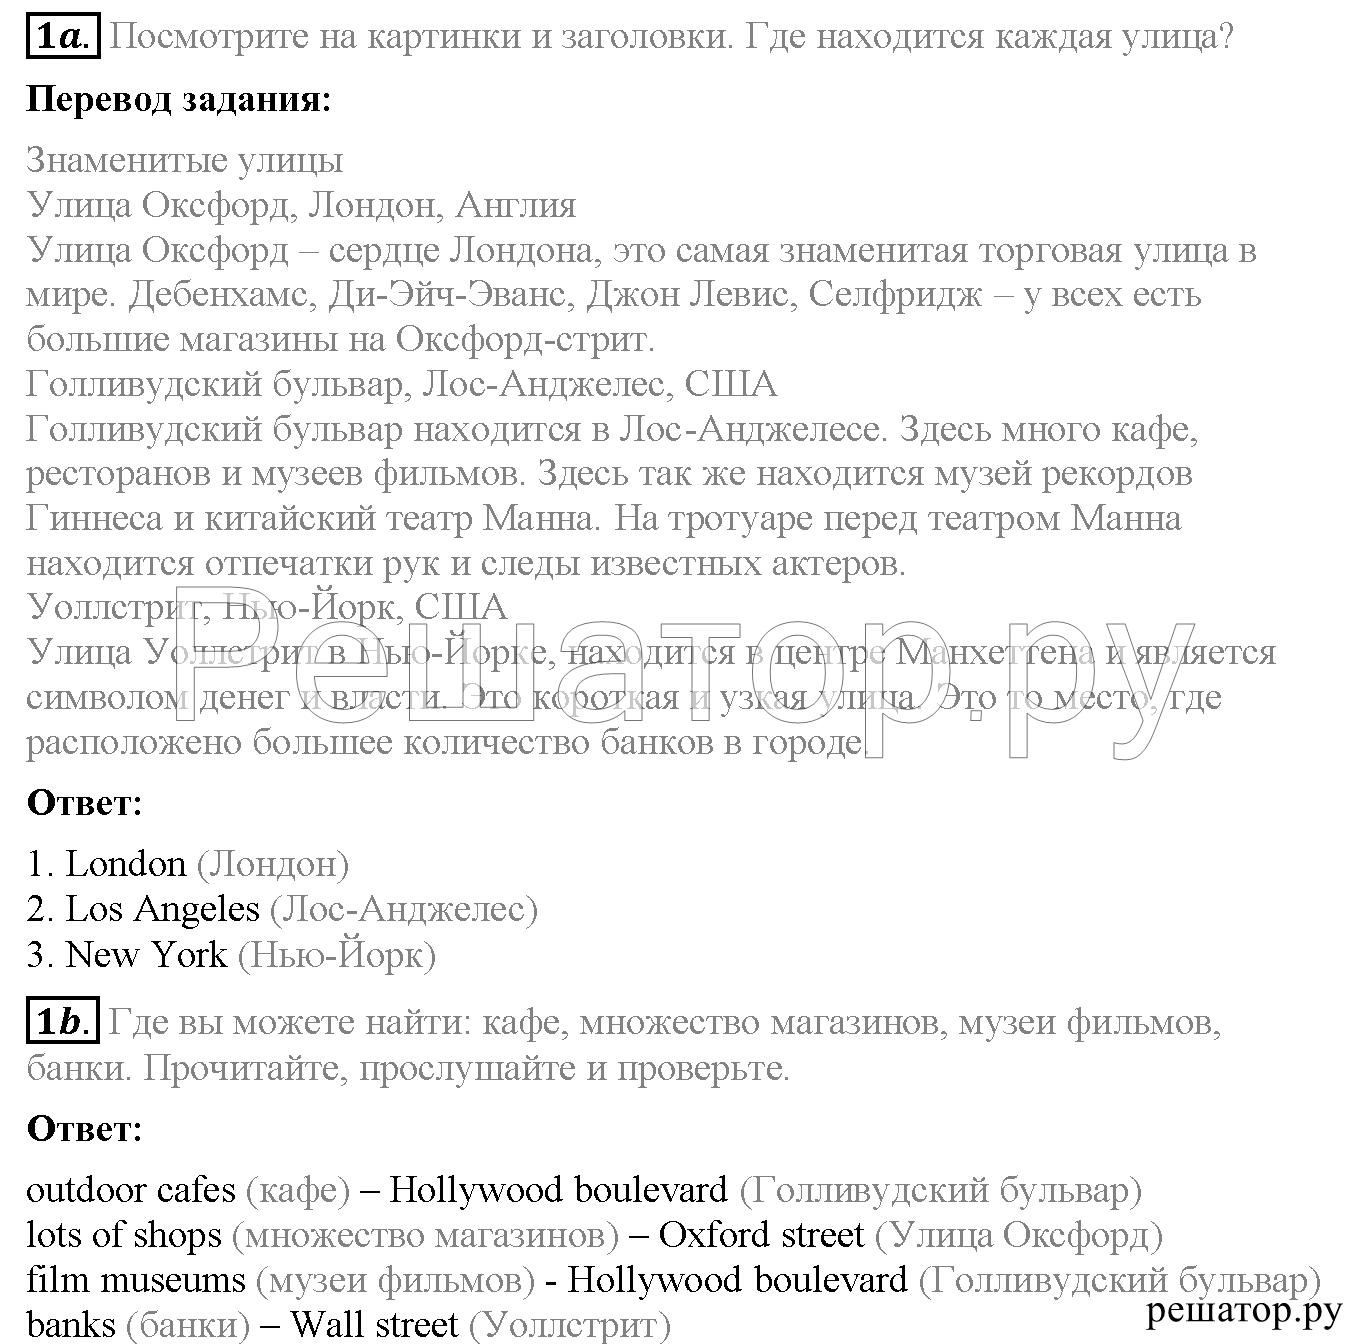 английский язык 6 класс стр 34